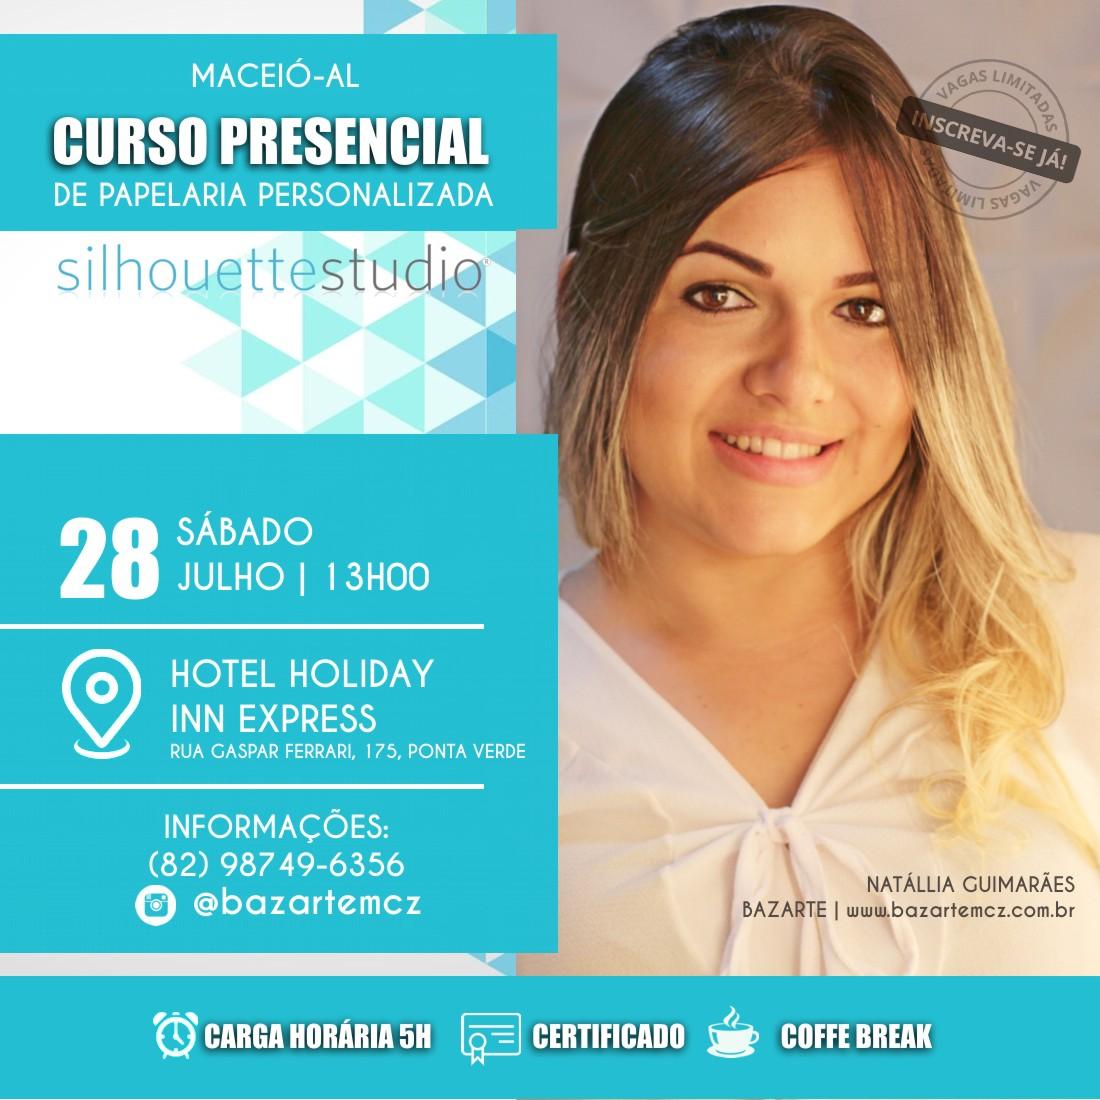 CURSO PRESENCIAL DE PAPELARIA PERSONALIZADA